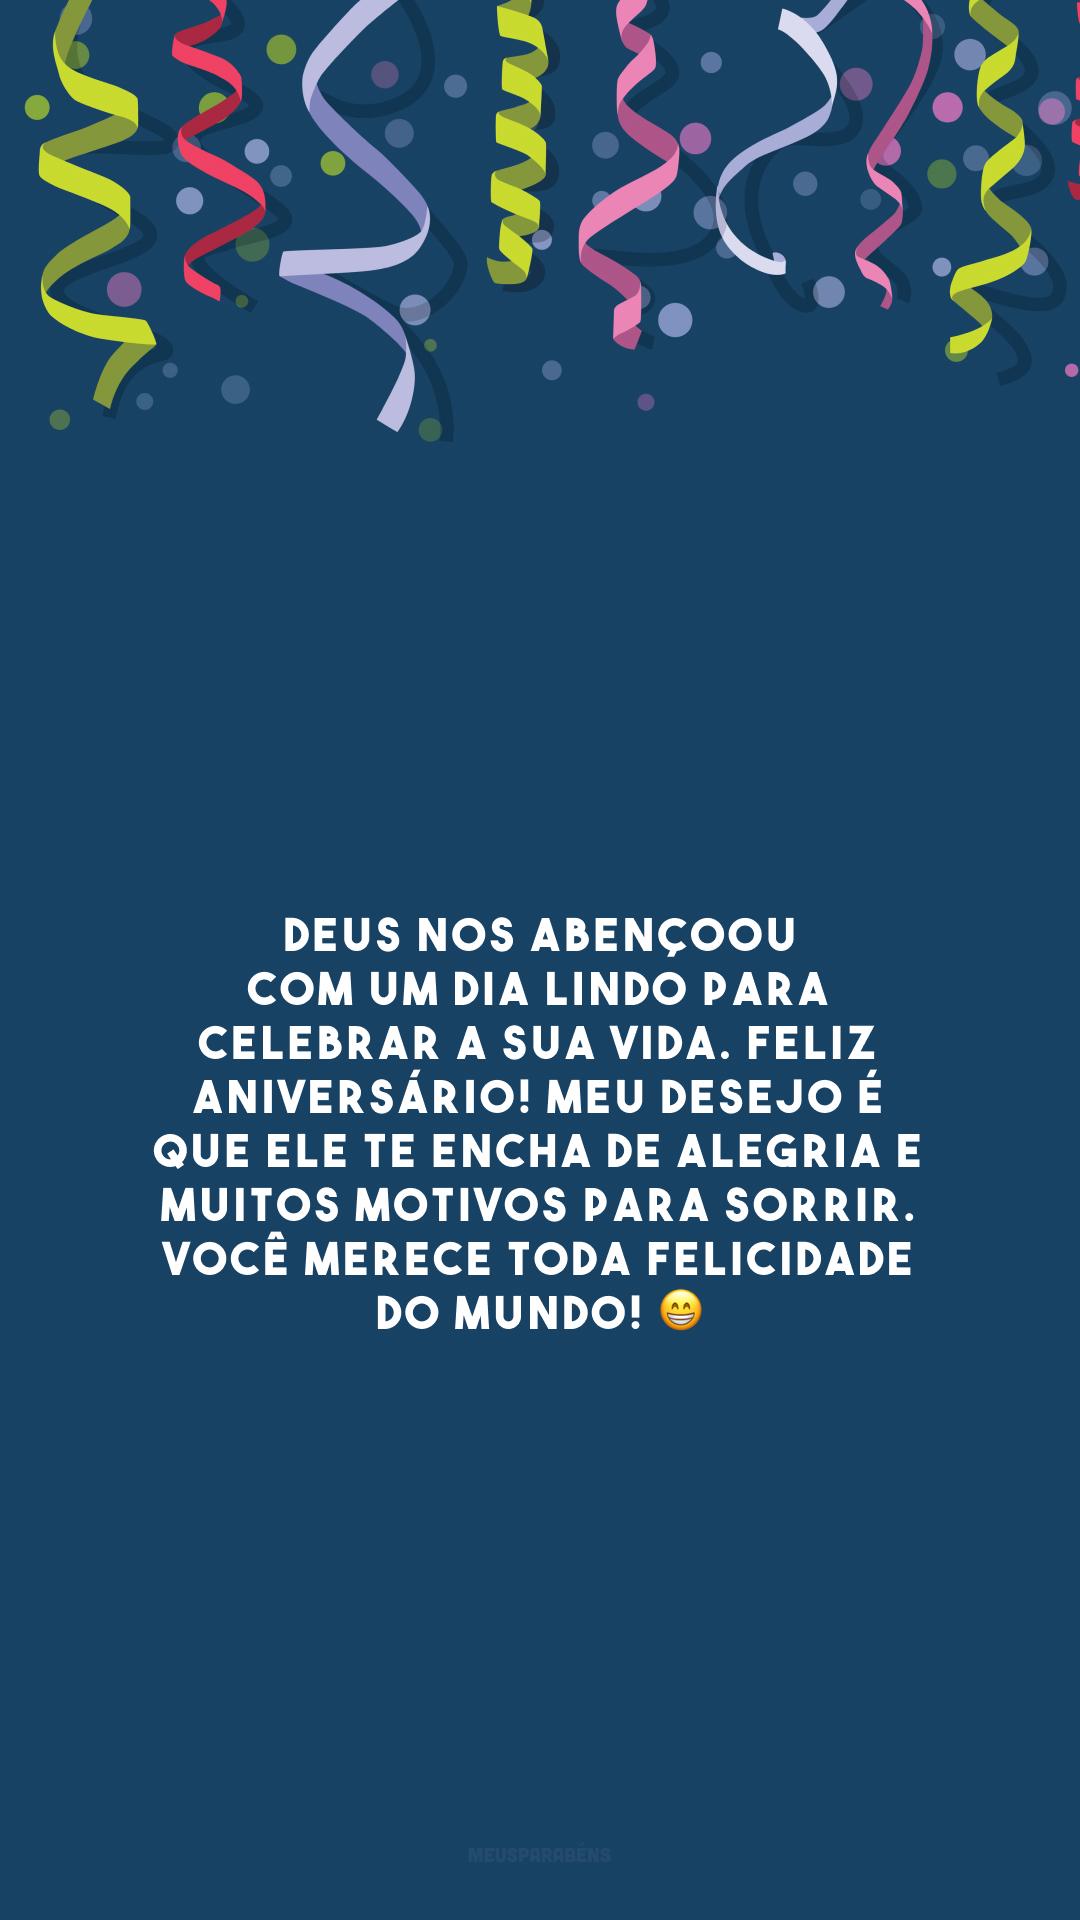 Deus nos abençoou com um dia lindo para celebrar a sua vida. Feliz aniversário! Meu desejo é que Ele te encha de alegria e muitos motivos para sorrir. Você merece toda felicidade do mundo! 😁